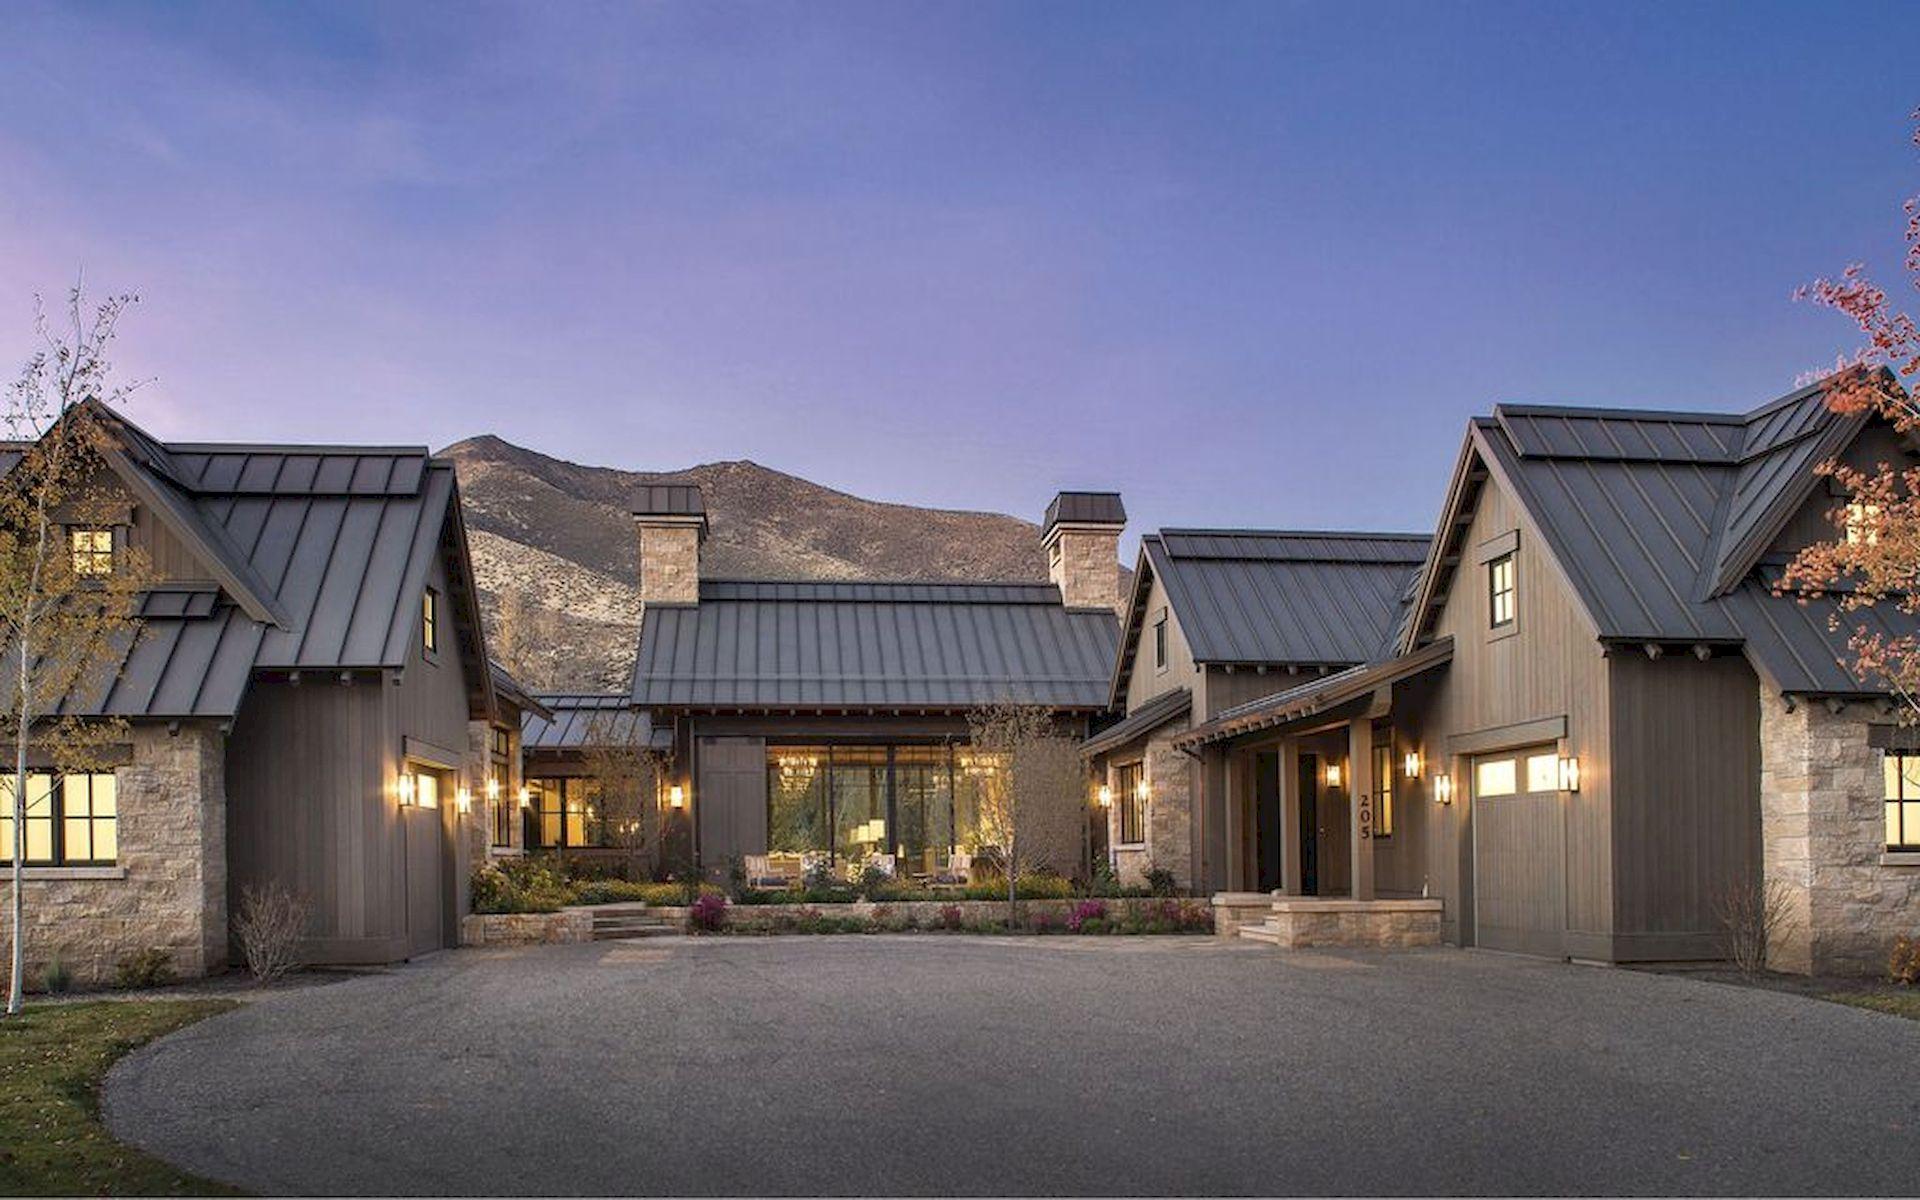 46 Awesome Farmhouse Home Exterior Design Ideas (1)